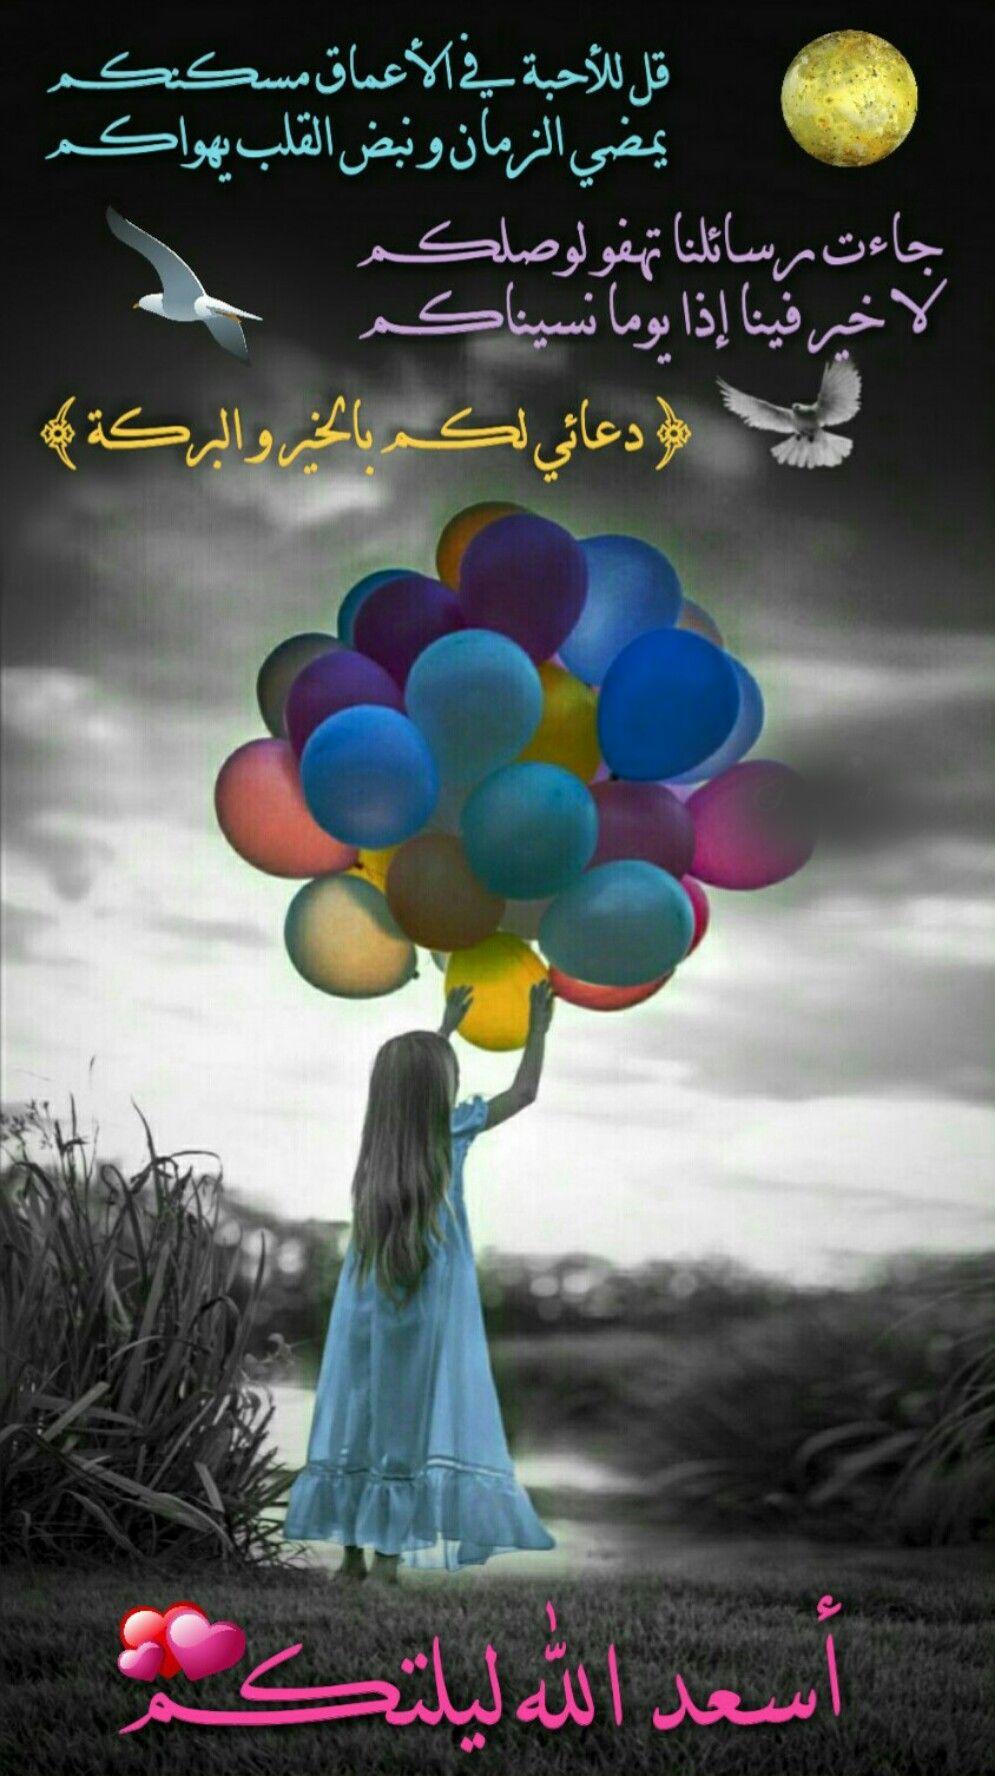 مساء الخير Evening Quotes Good Morning Images Good Evening